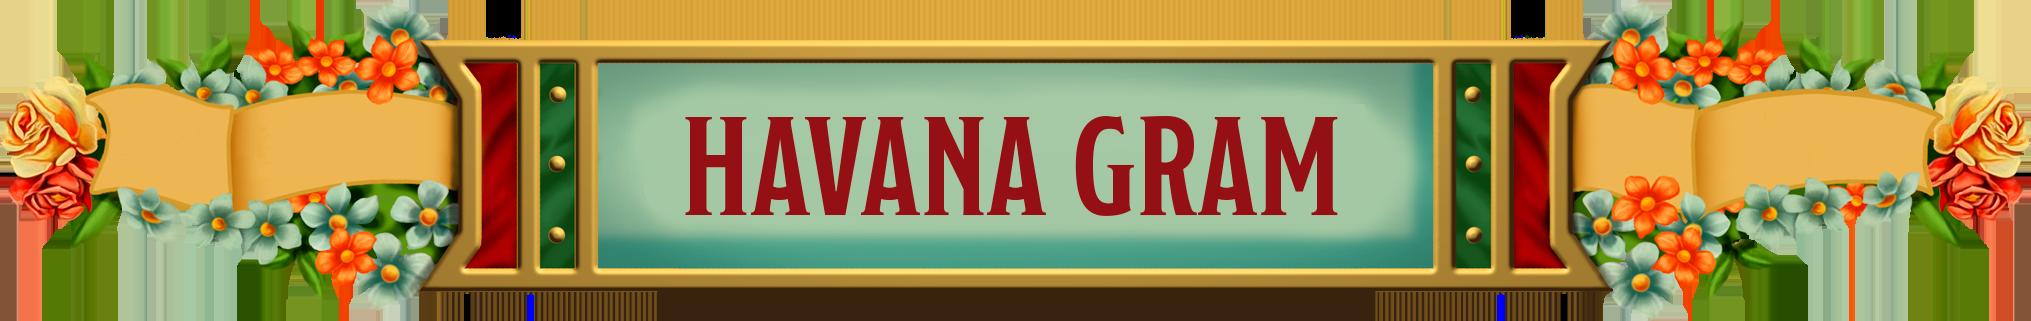 havana gram title - 1-0.png